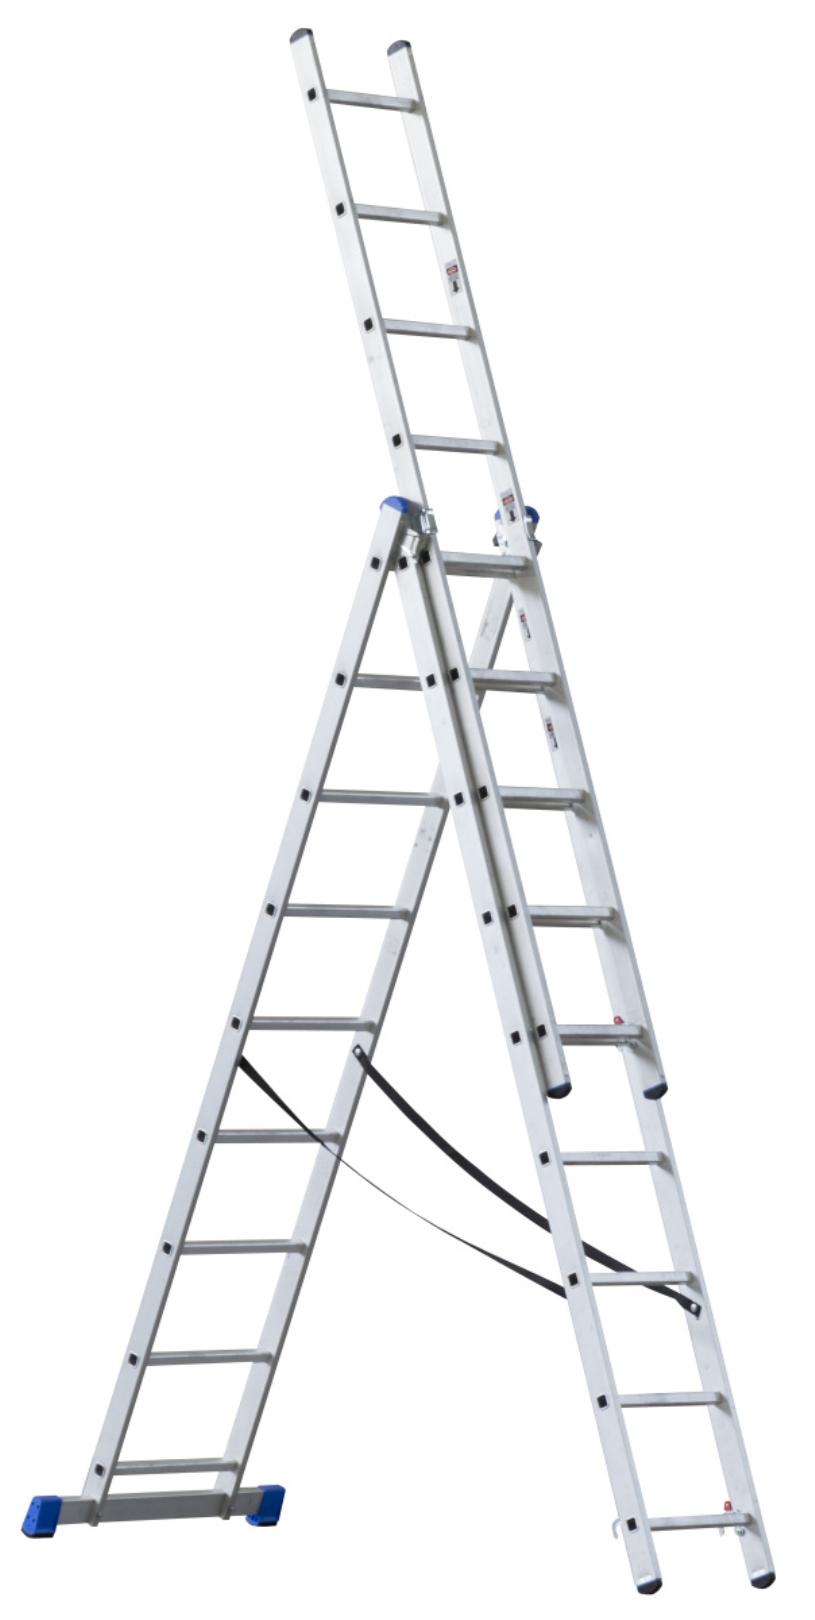 G21 Třídílný žebřík 7,6 m 3 x 11 příček - G21 6390389